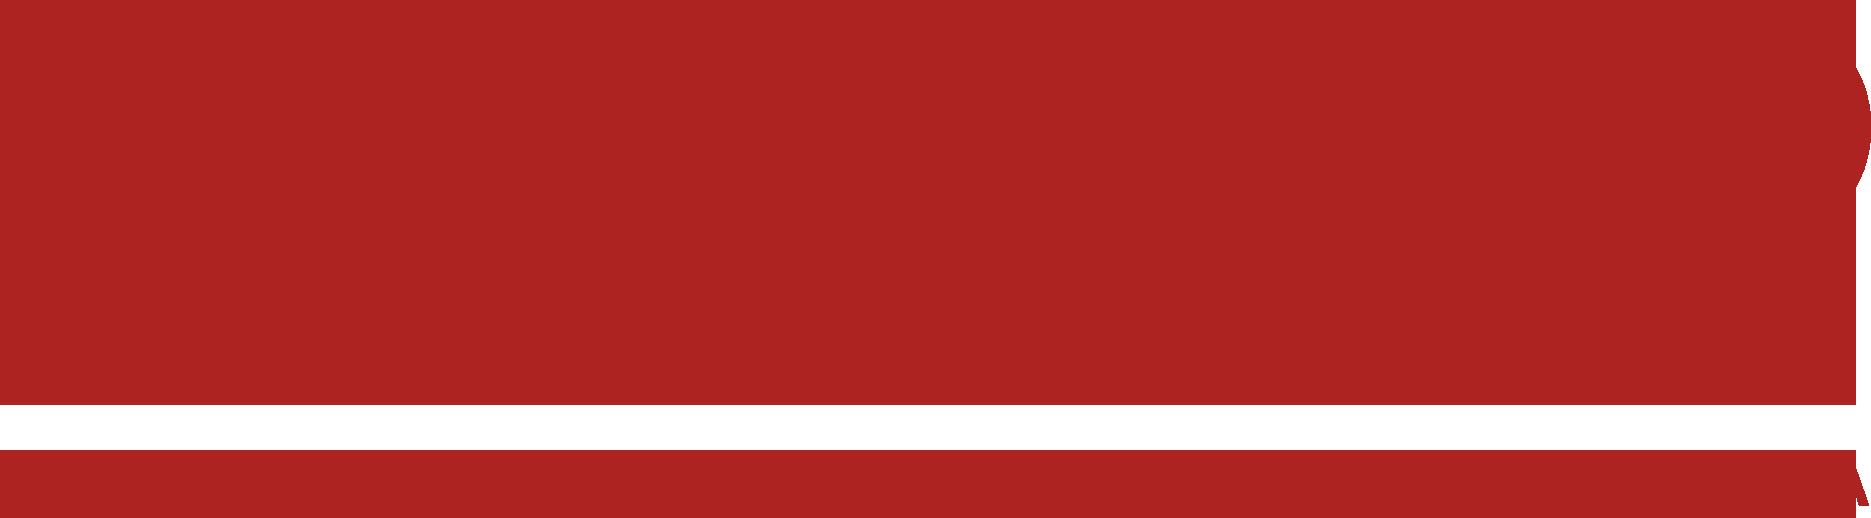 abcp_logo153